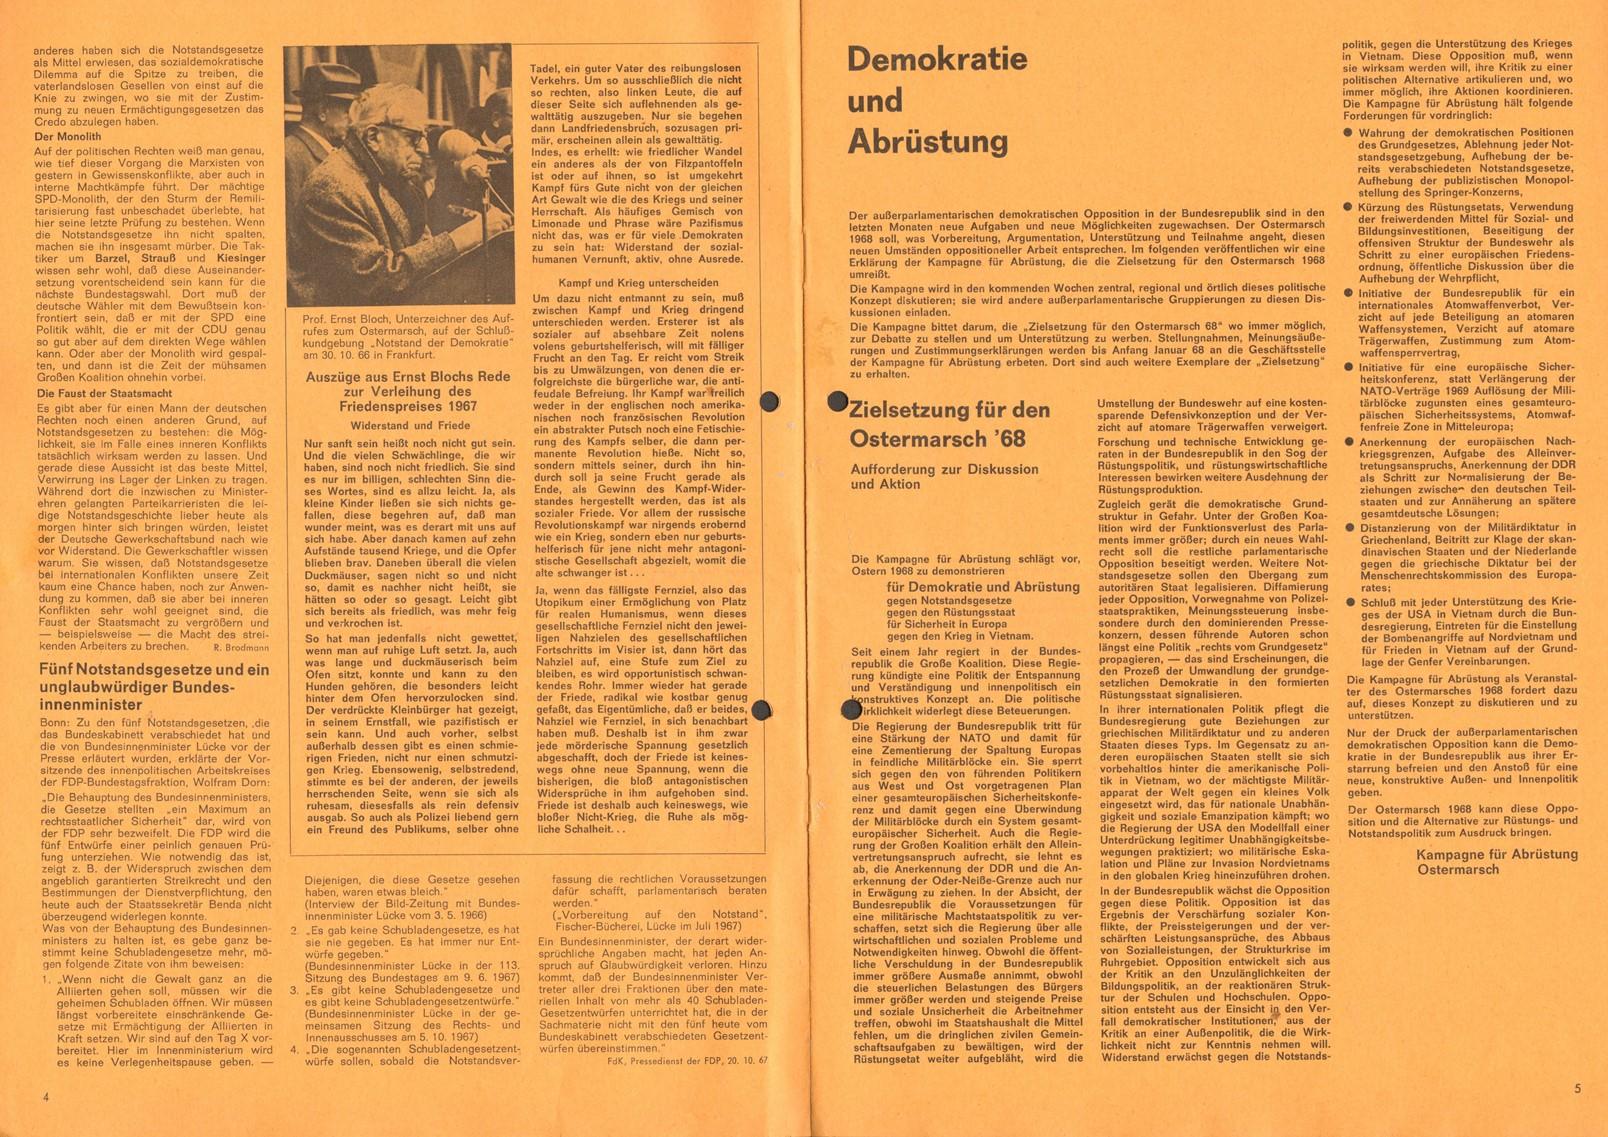 Informationen_zur_Abruestung_1967_052_003